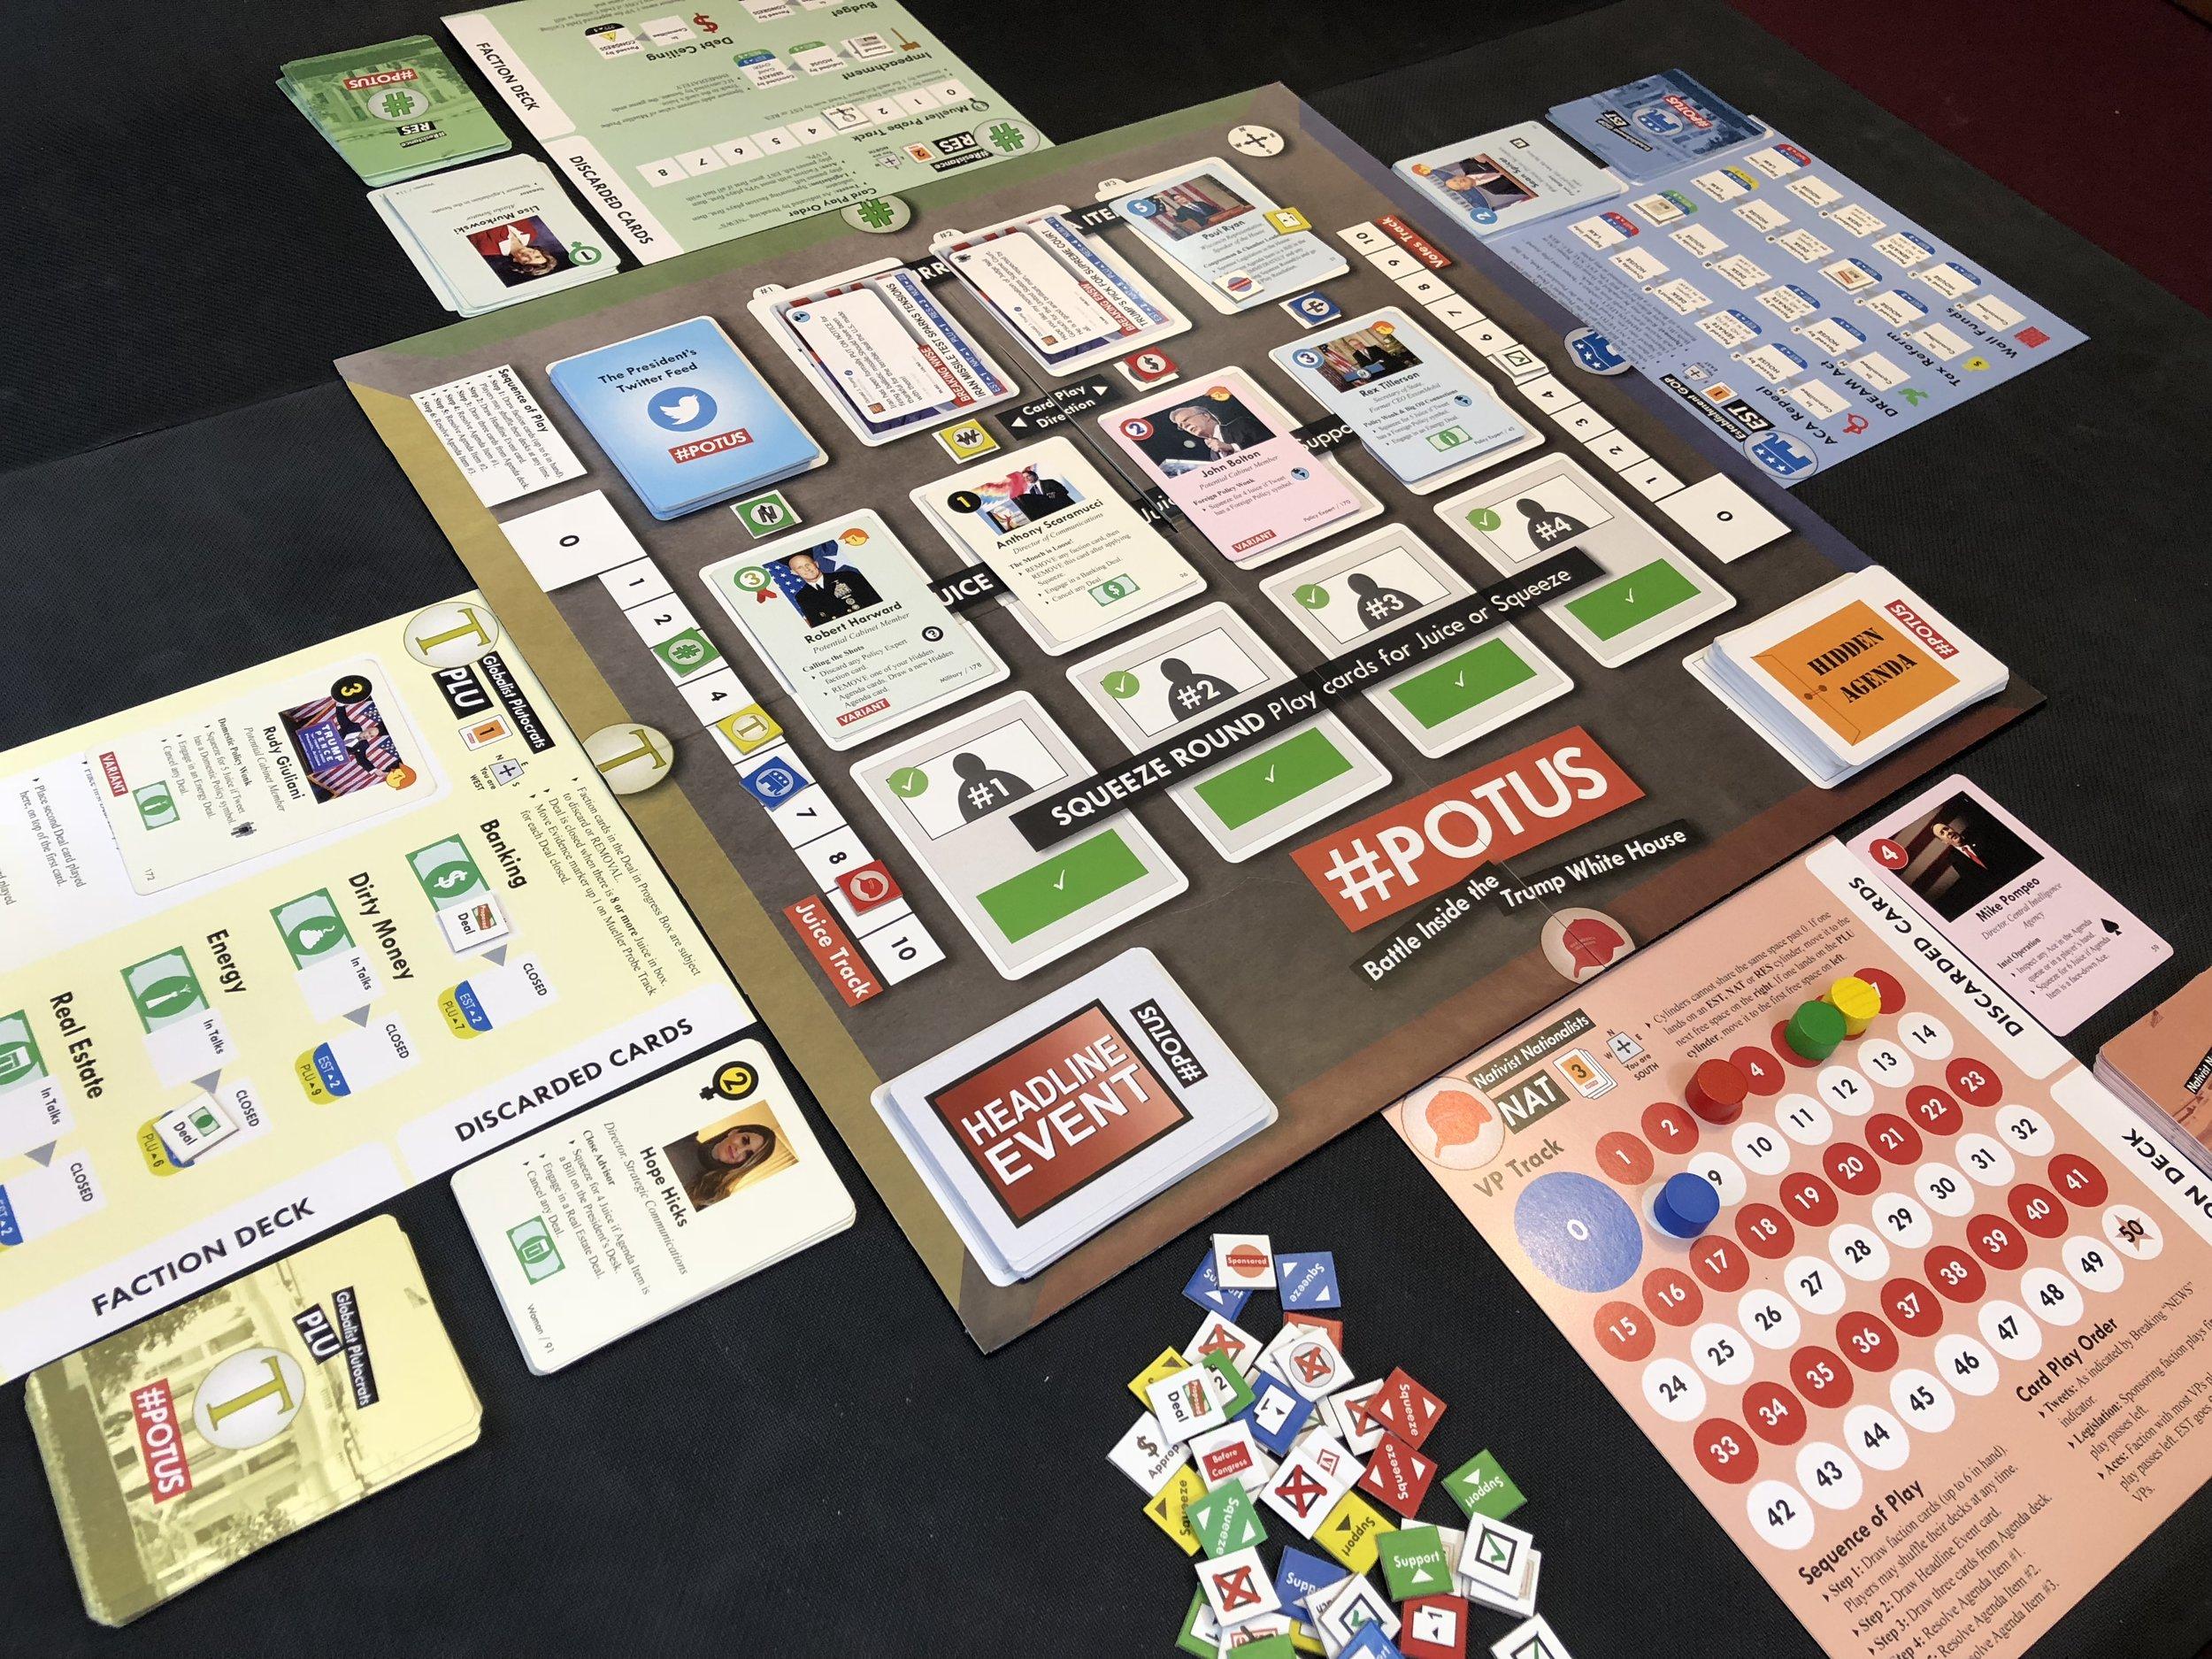 GameSetupZoomed2.jpg